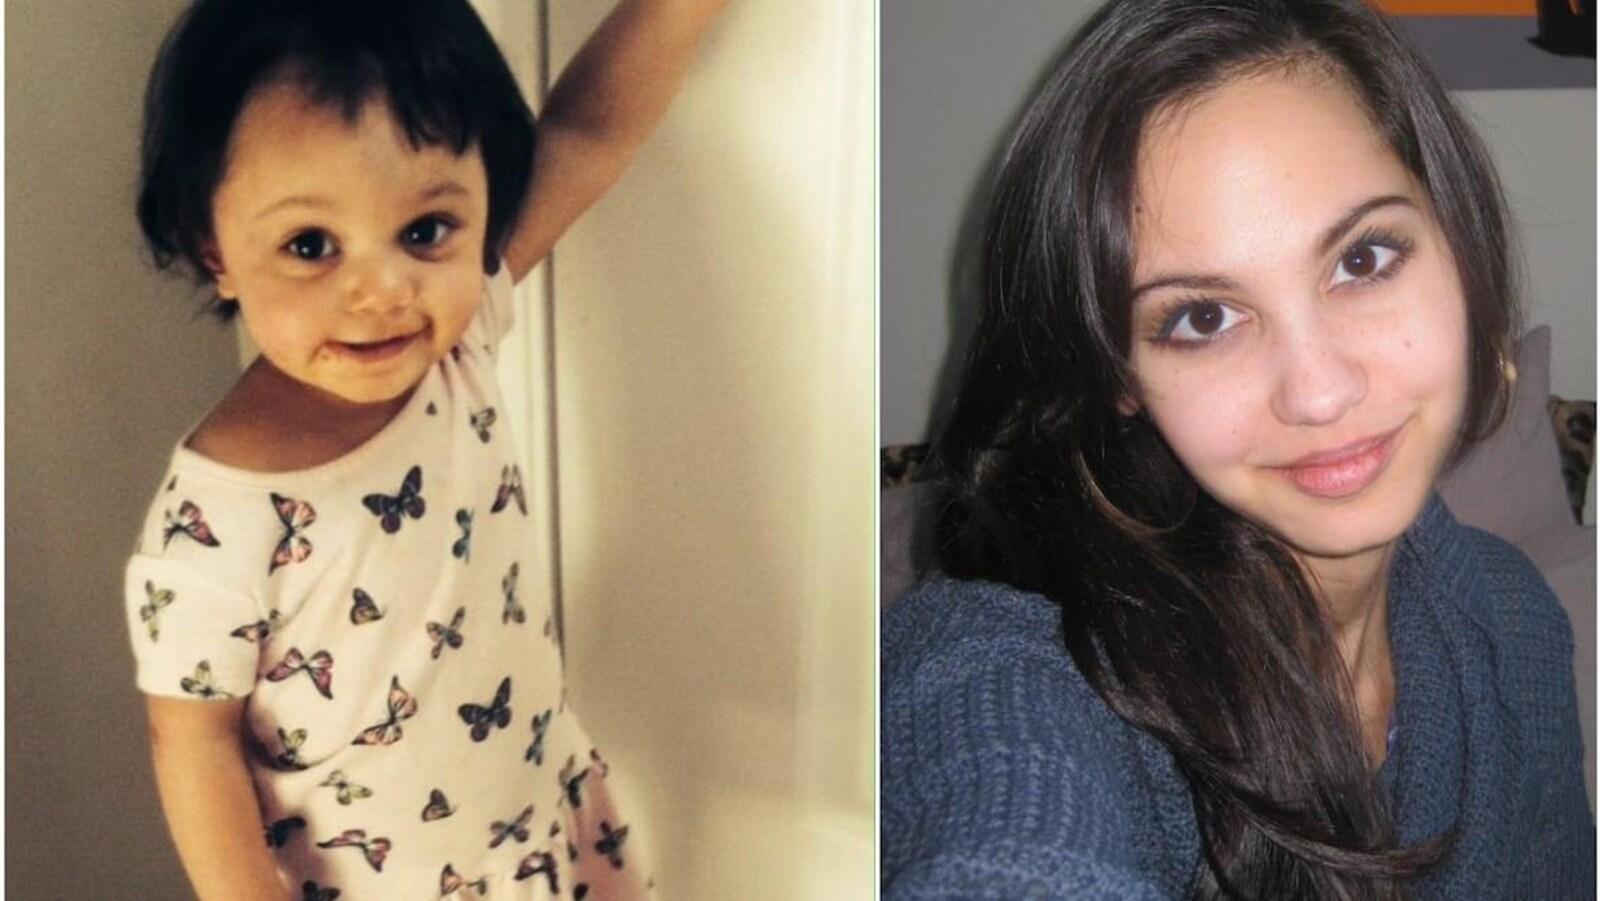 Montage photo de Jasmine Lovett, à droite, et sa fille de 22 mois  Aliyah Sanderson à gauche.